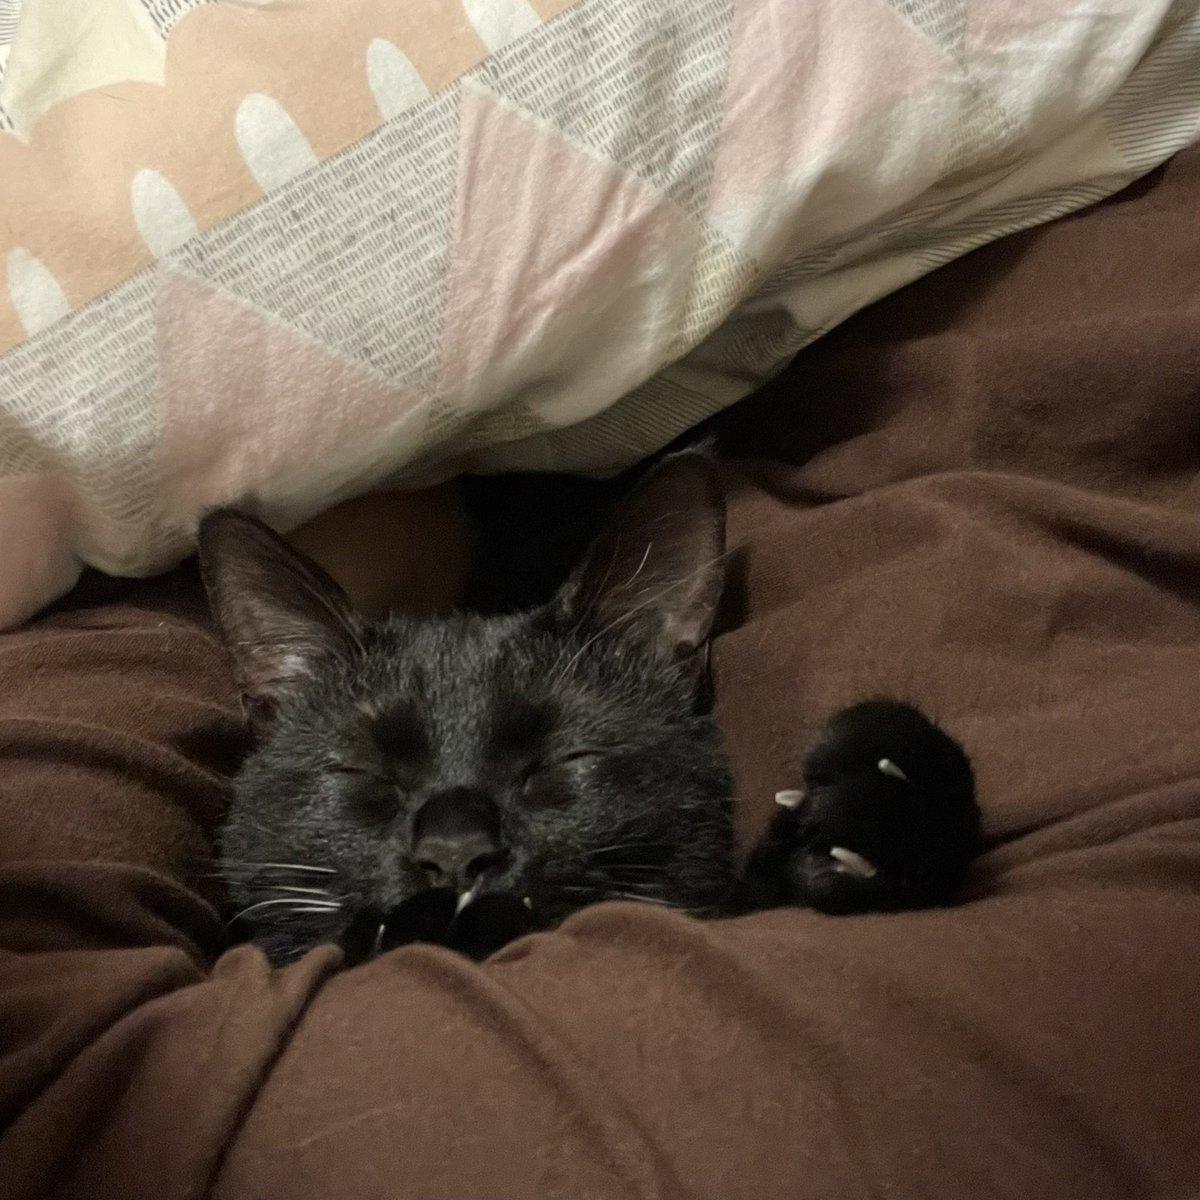 やっぱりと言うかなんと言うか…w何もしてなかった愛猫たち!